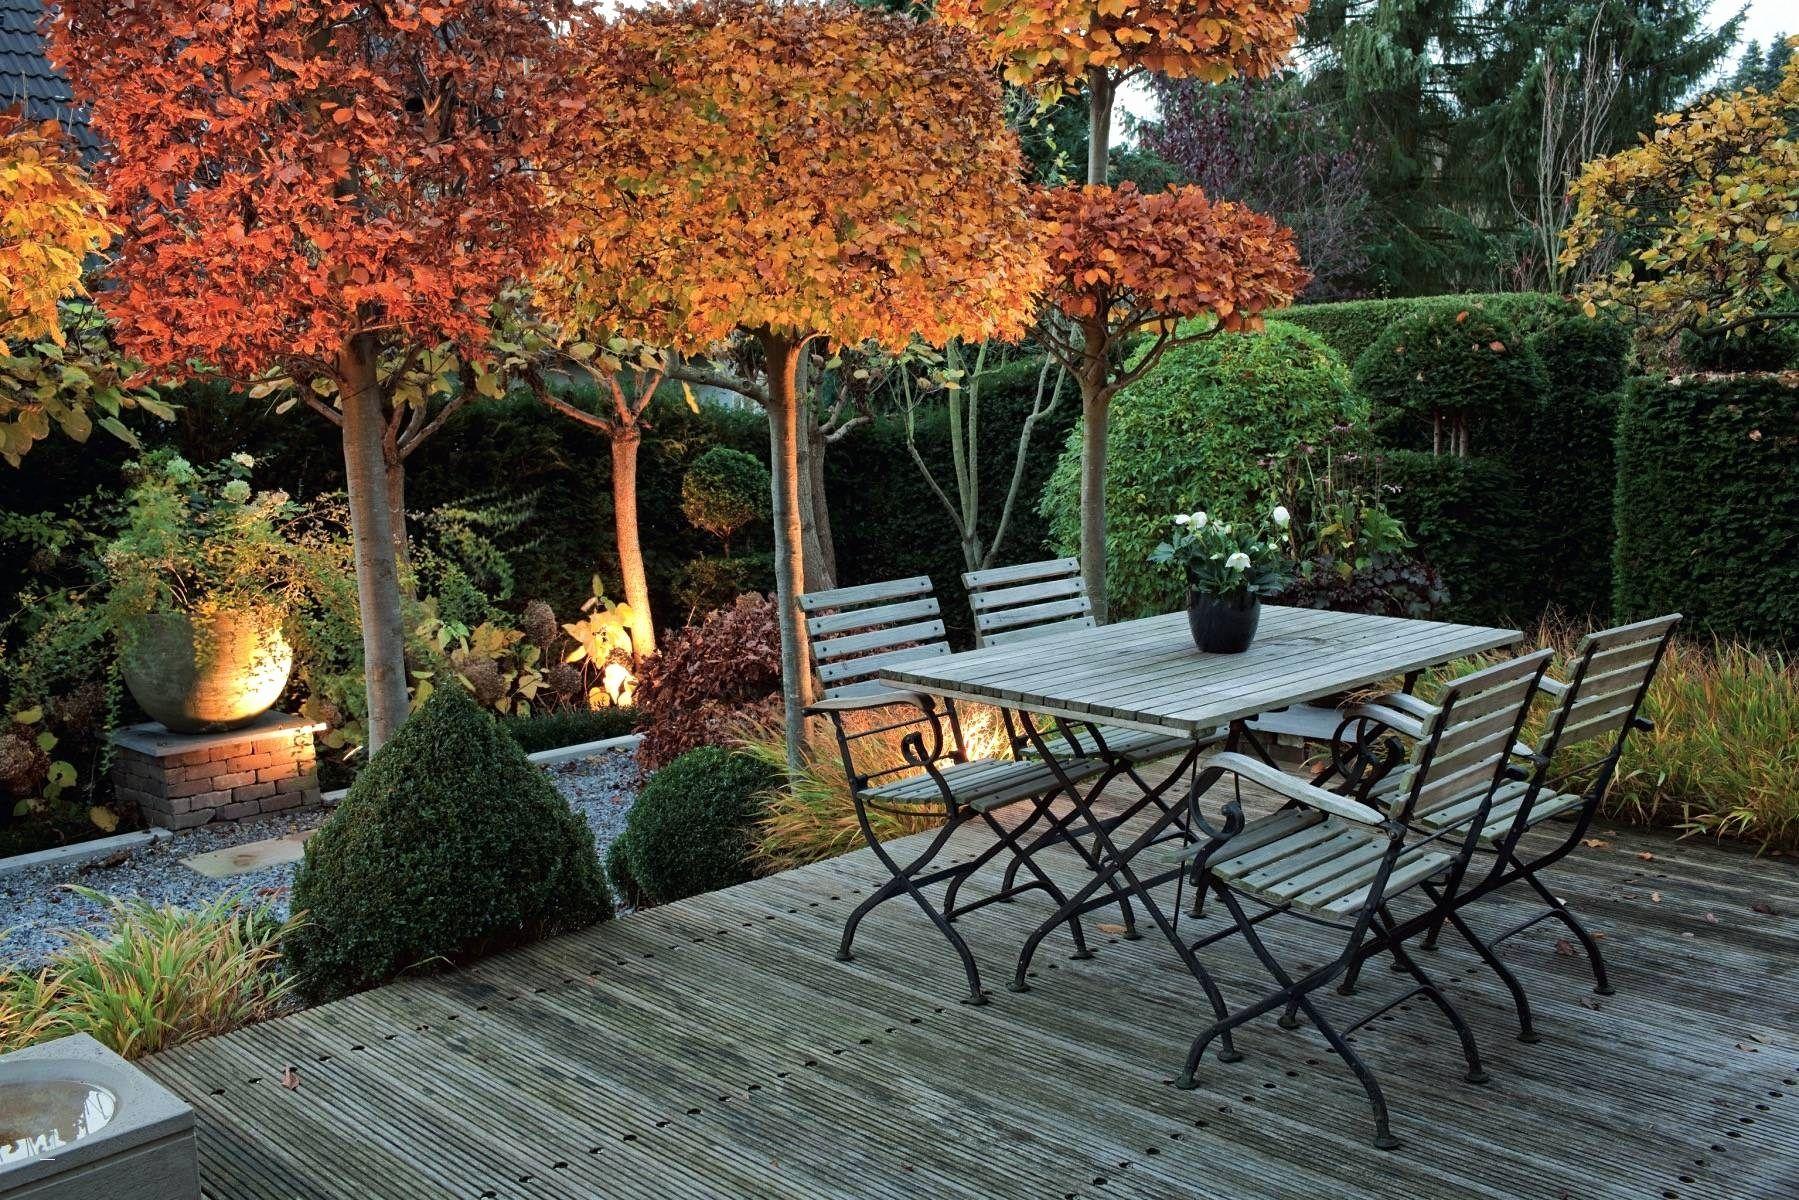 garten reihenhaus gestalten, image result for garten reihenhaus gestalten | jez garden ipad, Design ideen